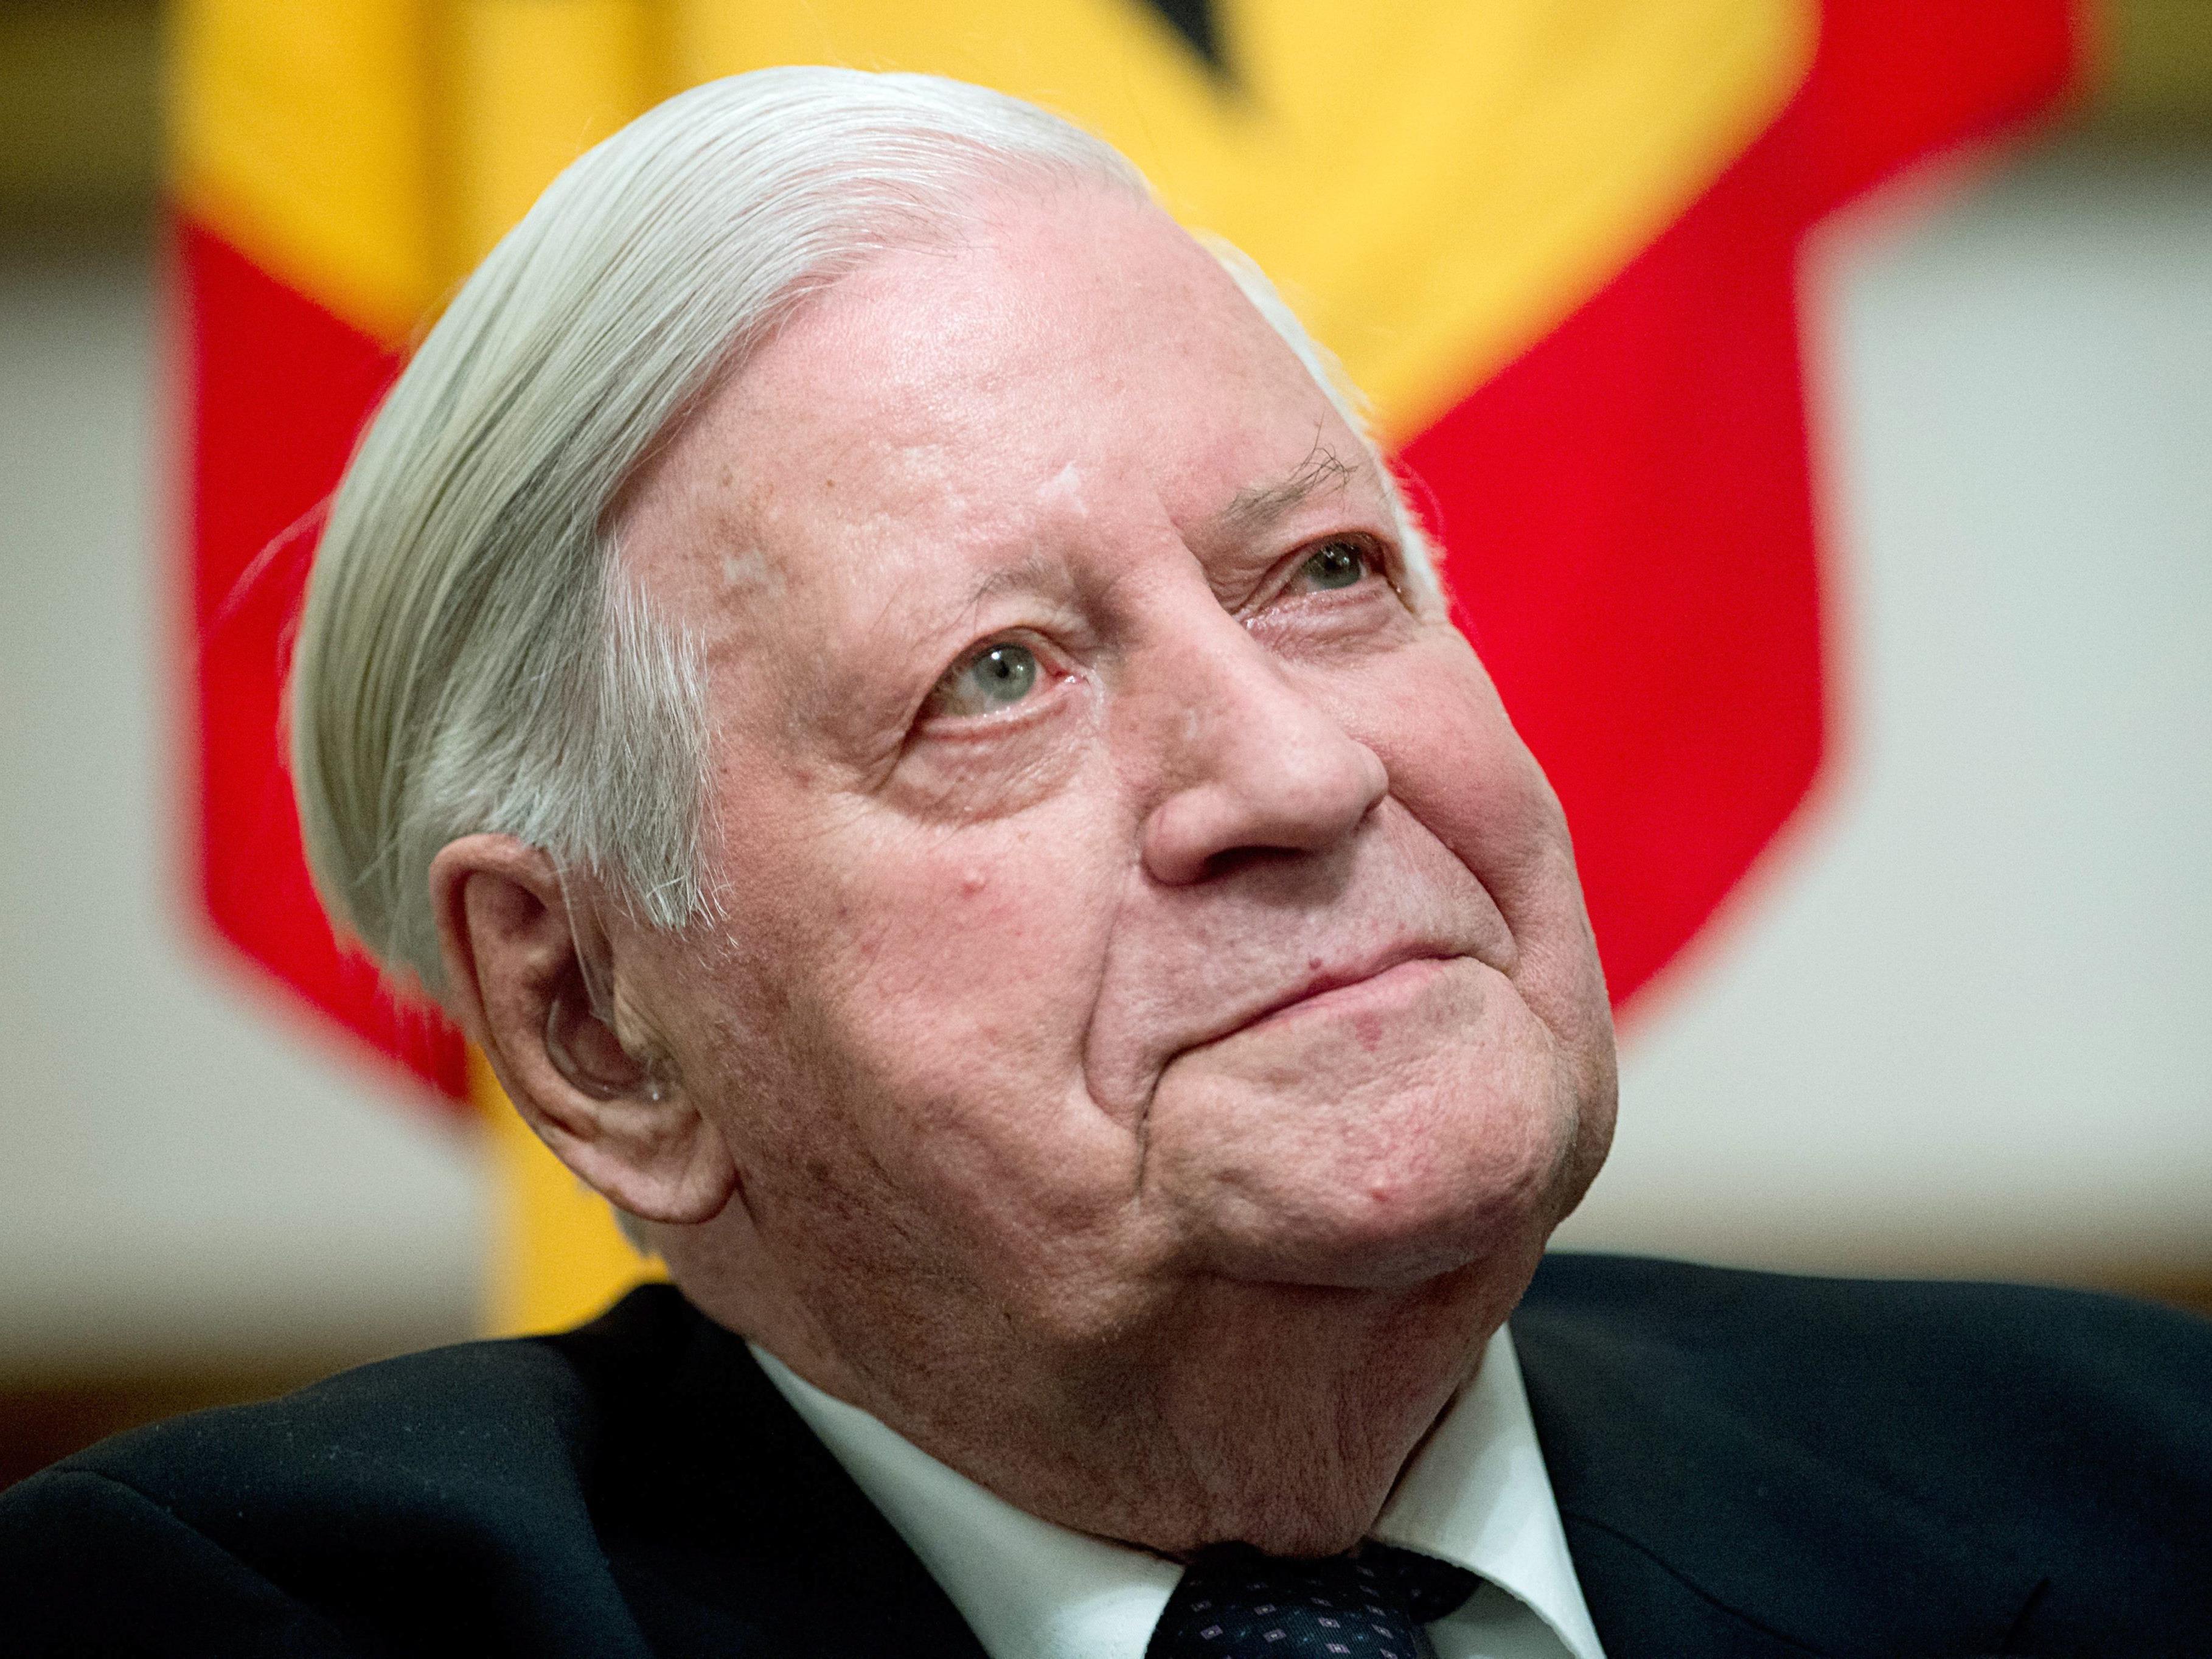 Altkanzler Helmut Schmidt darf laut Kardiologe weiterrauchen.